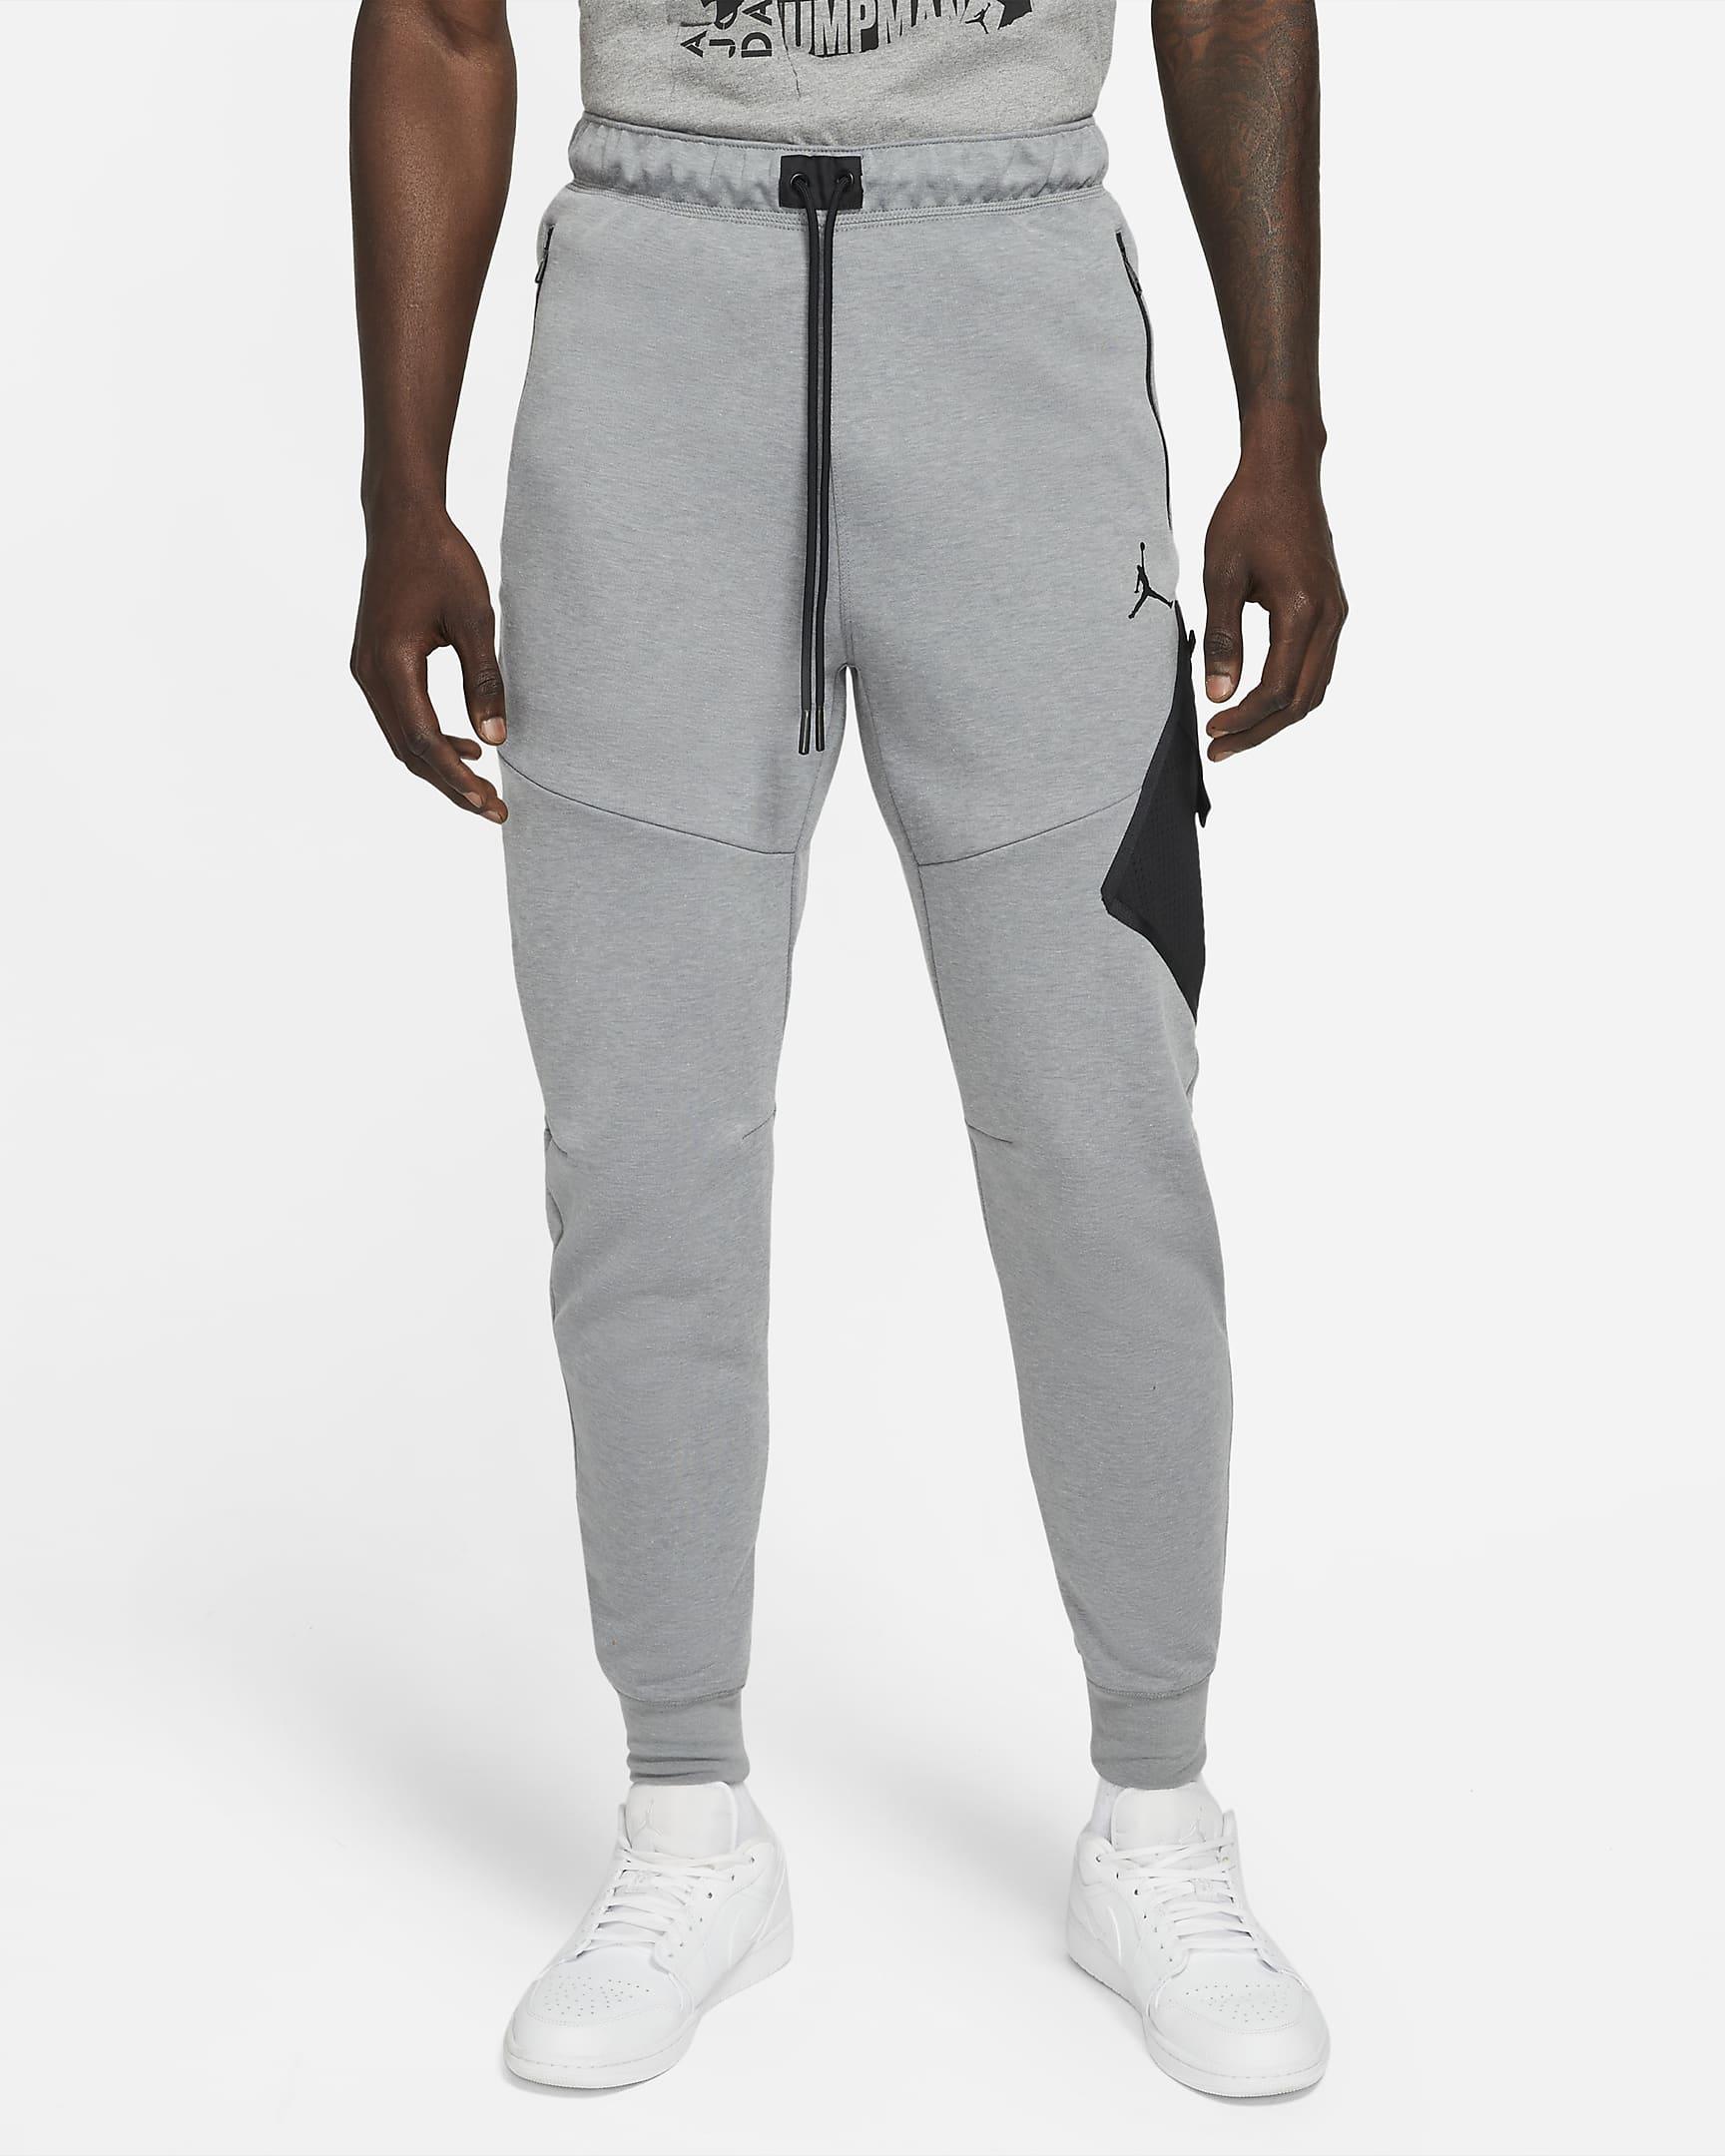 jordan-dri-fit-air-mens-pants-2FKn4X.png